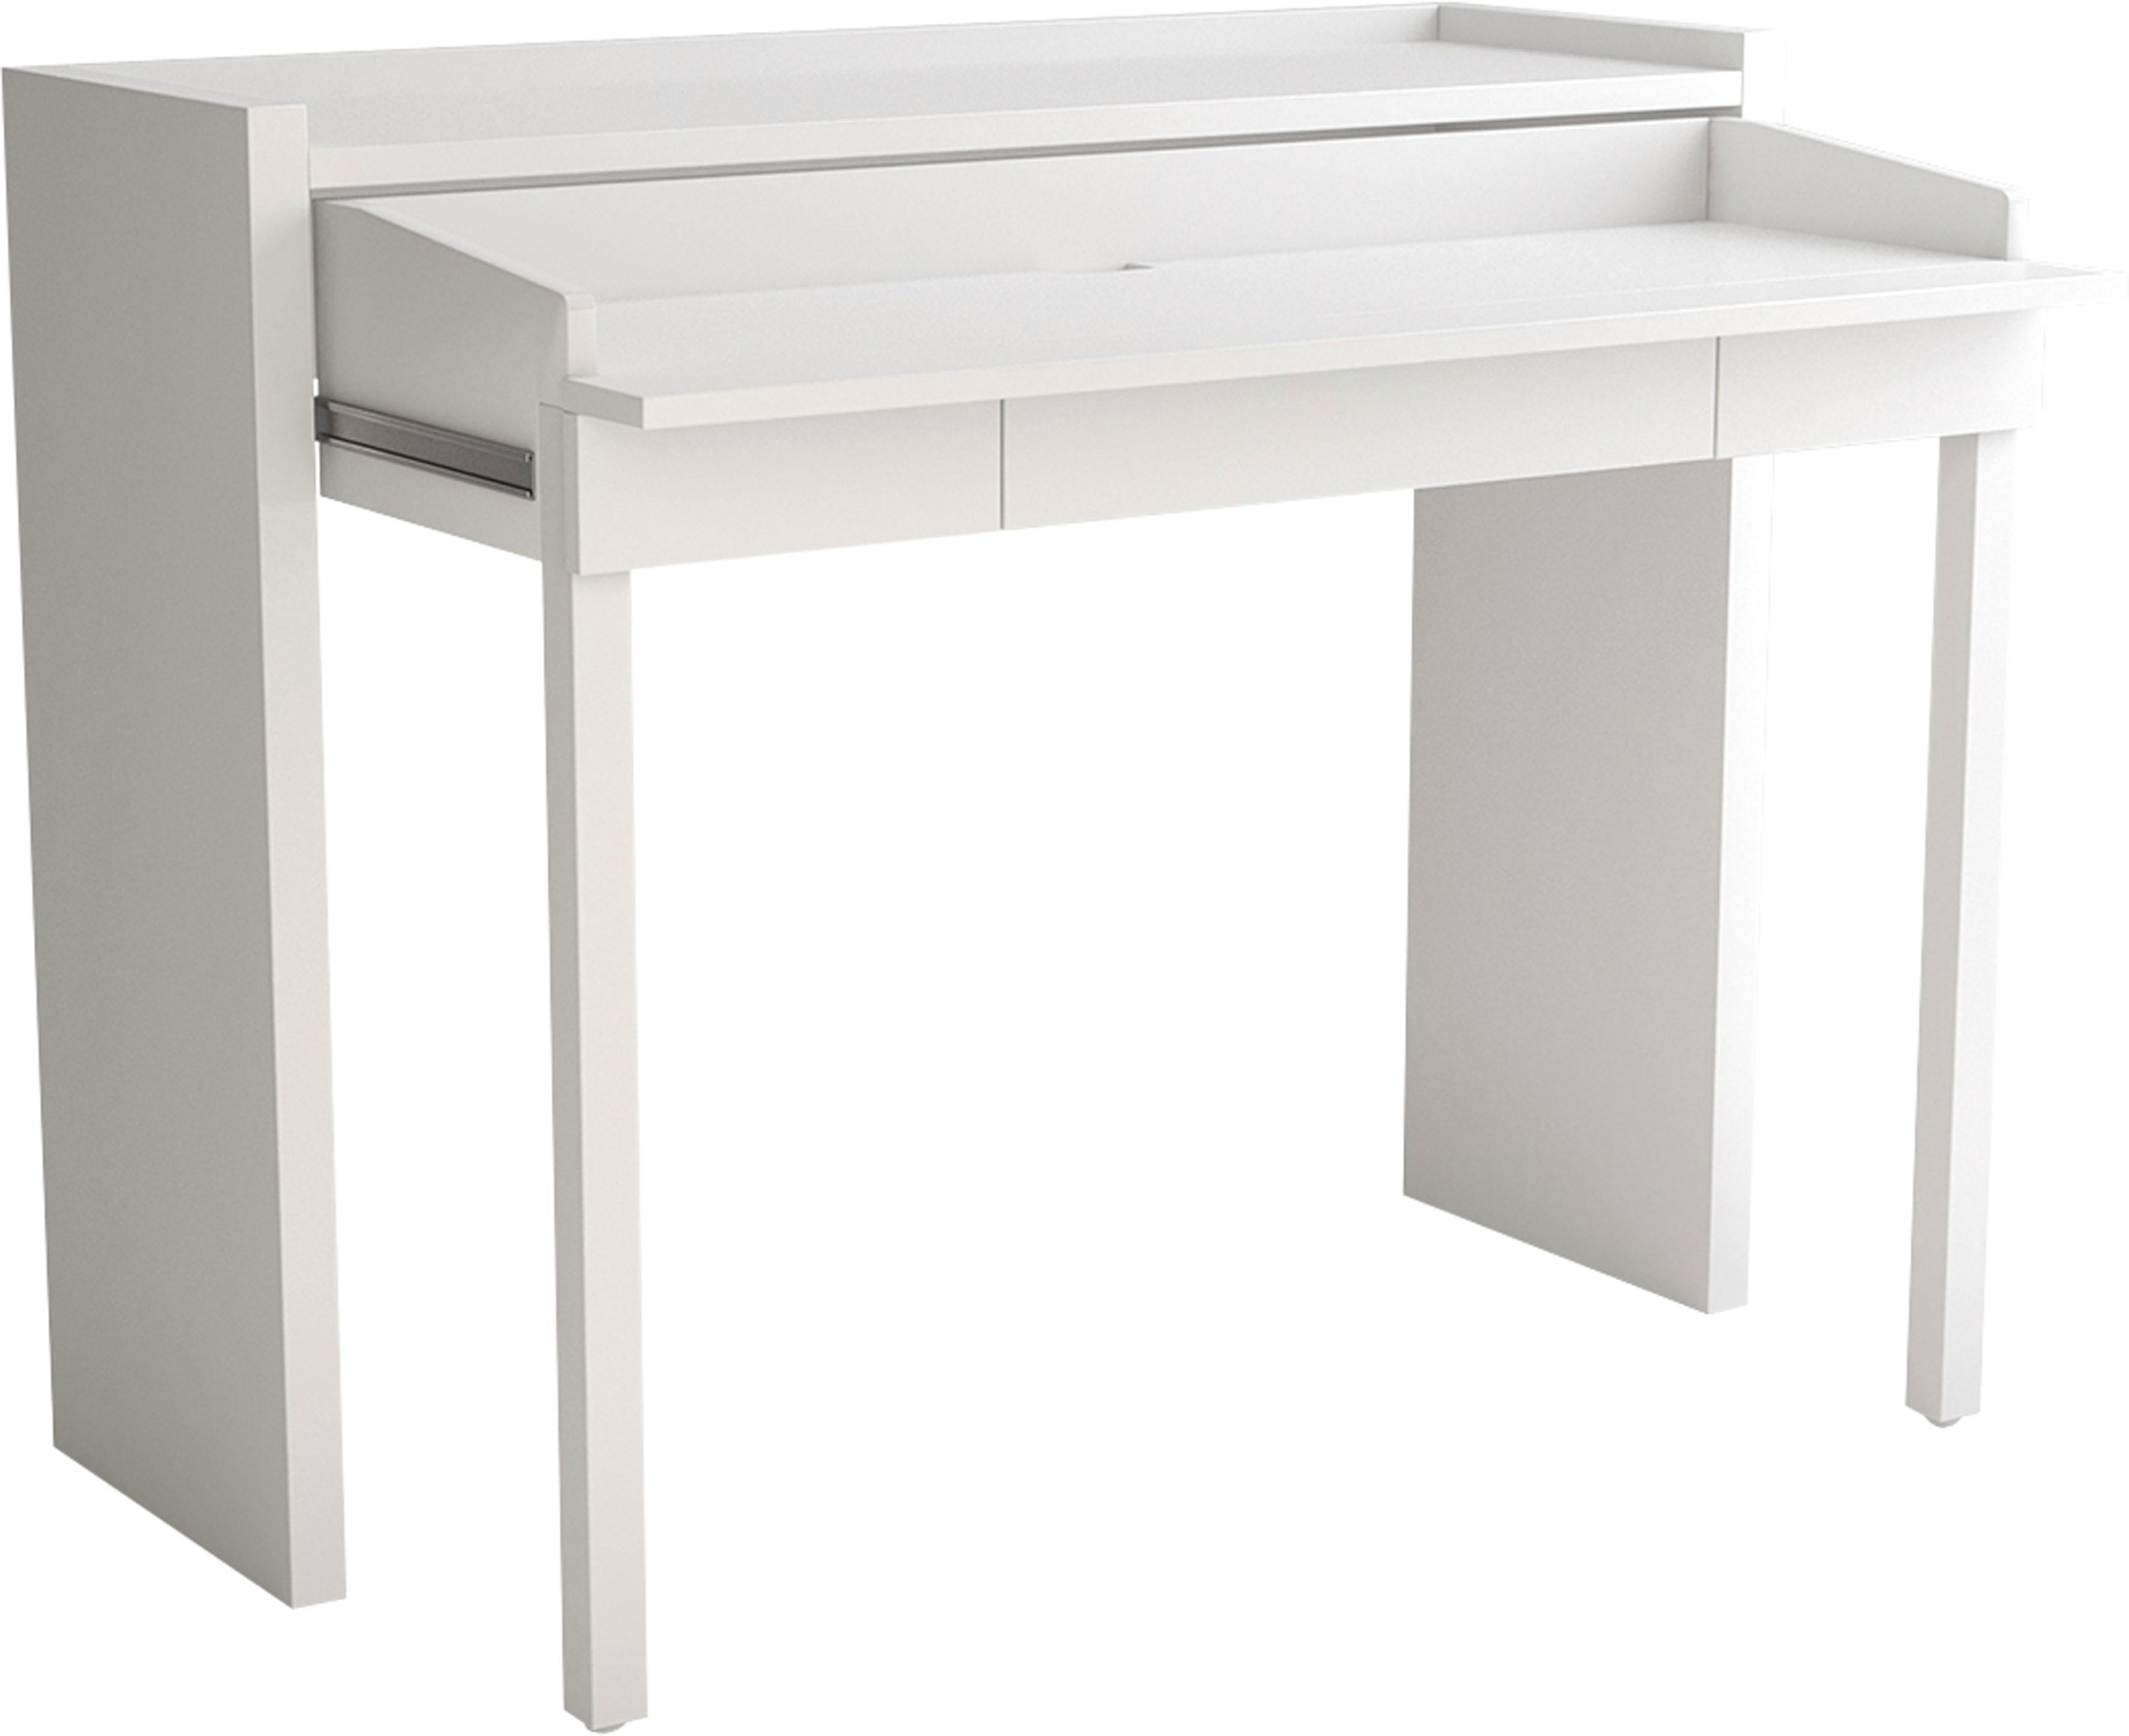 Woodman Schreibtisch Jens im extravaganten Design